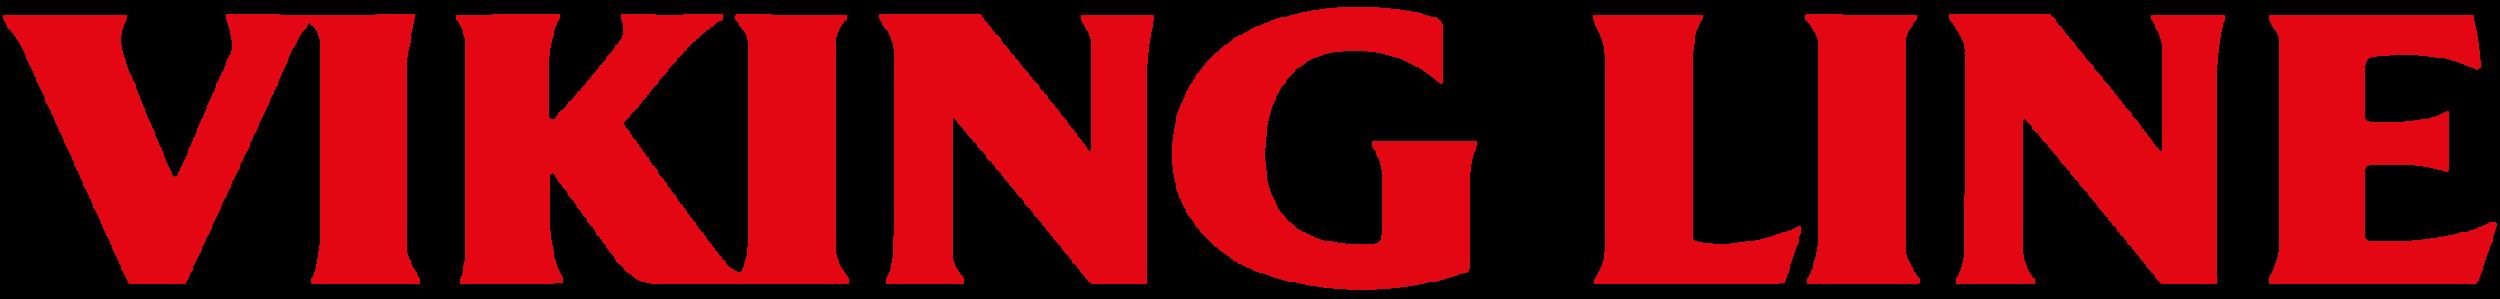 Viking_Line_Logo.png